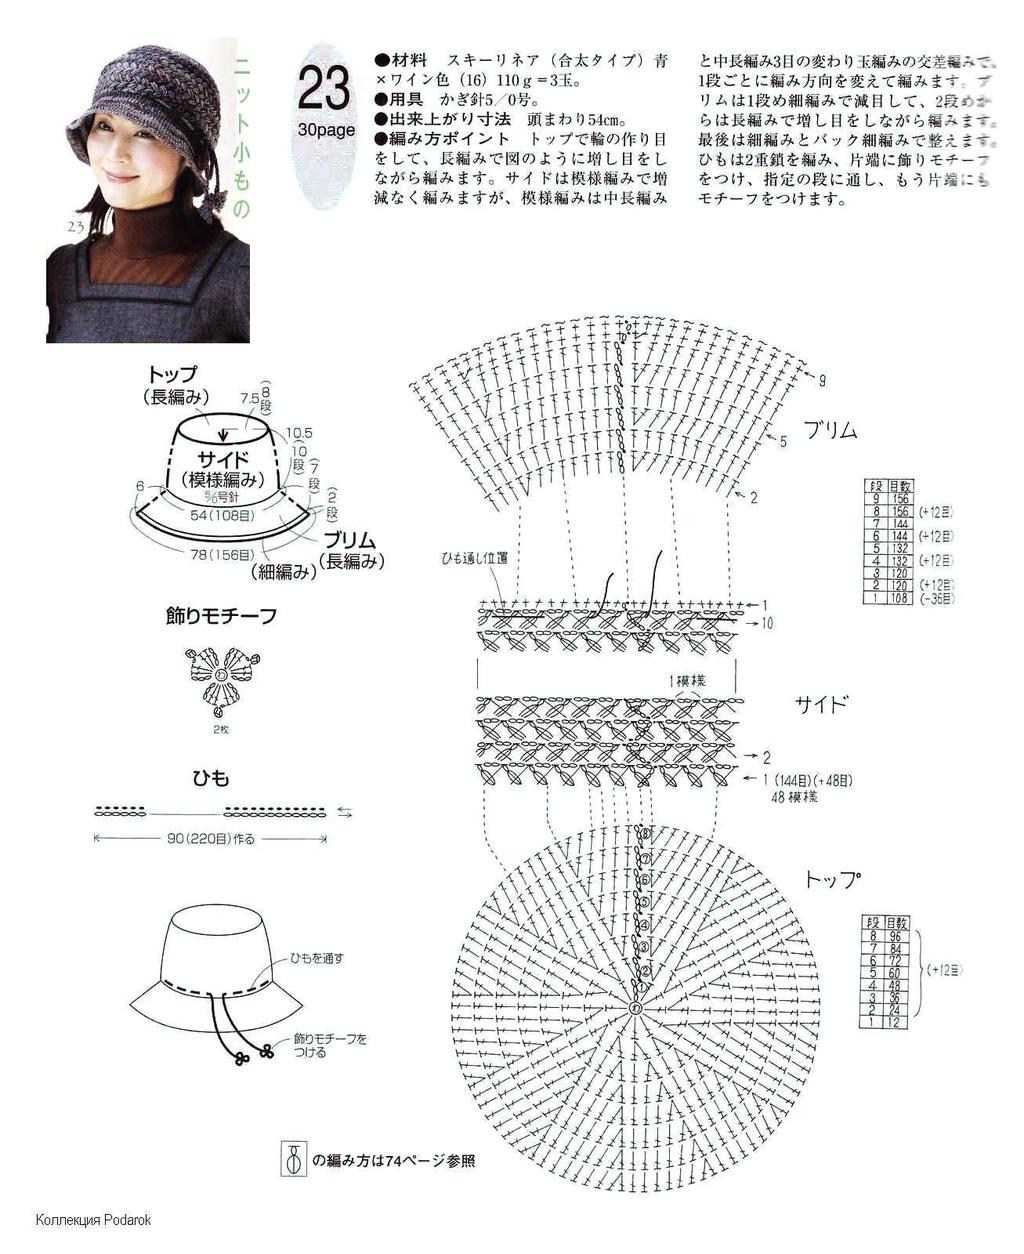 Шляпа для женщины крючком со схемой